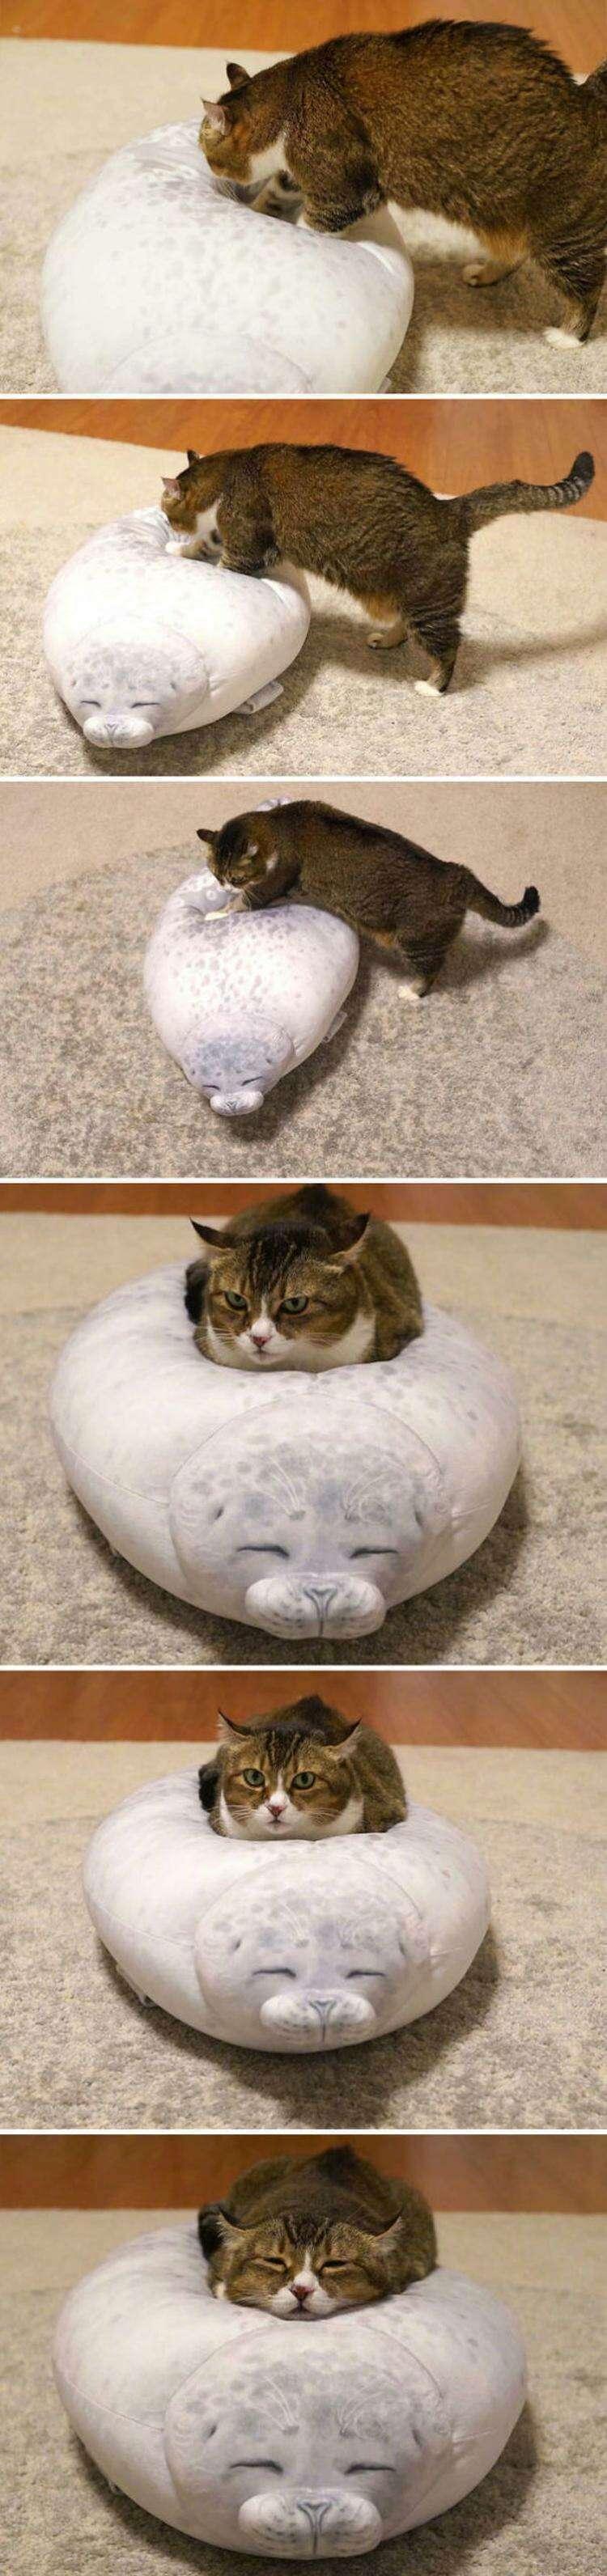 Двадцать смешных ситуаций, где главные роли сыграли кошки